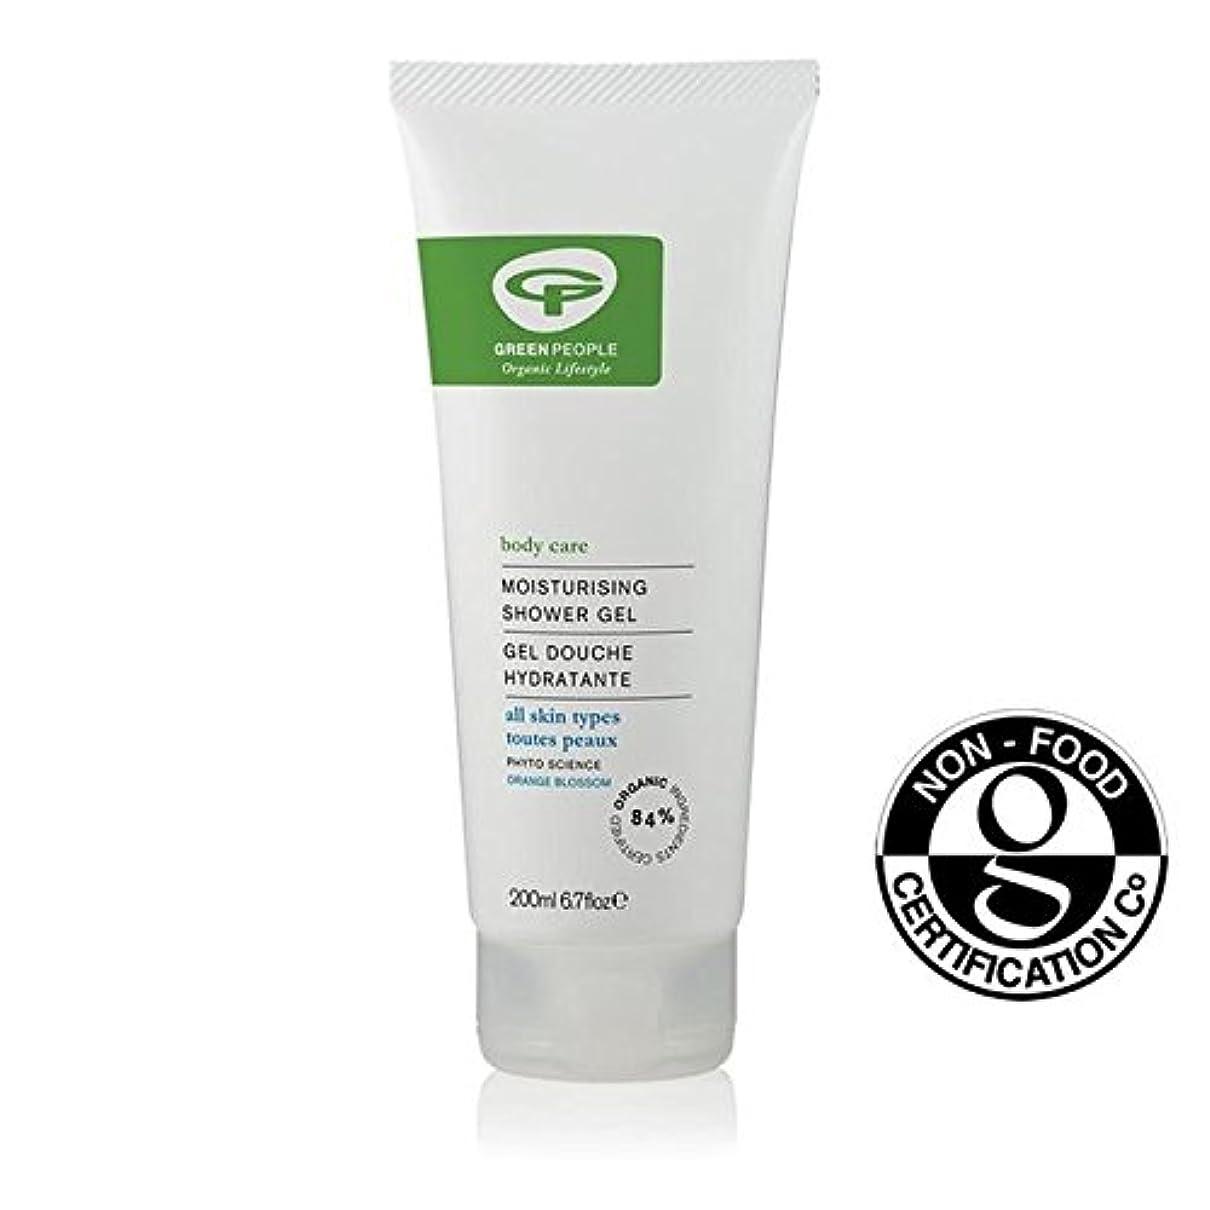 インスタンス衝撃トースト緑の人々の有機保湿シャワージェル200 x2 - Green People Organic Moisturising Shower Gel 200ml (Pack of 2) [並行輸入品]